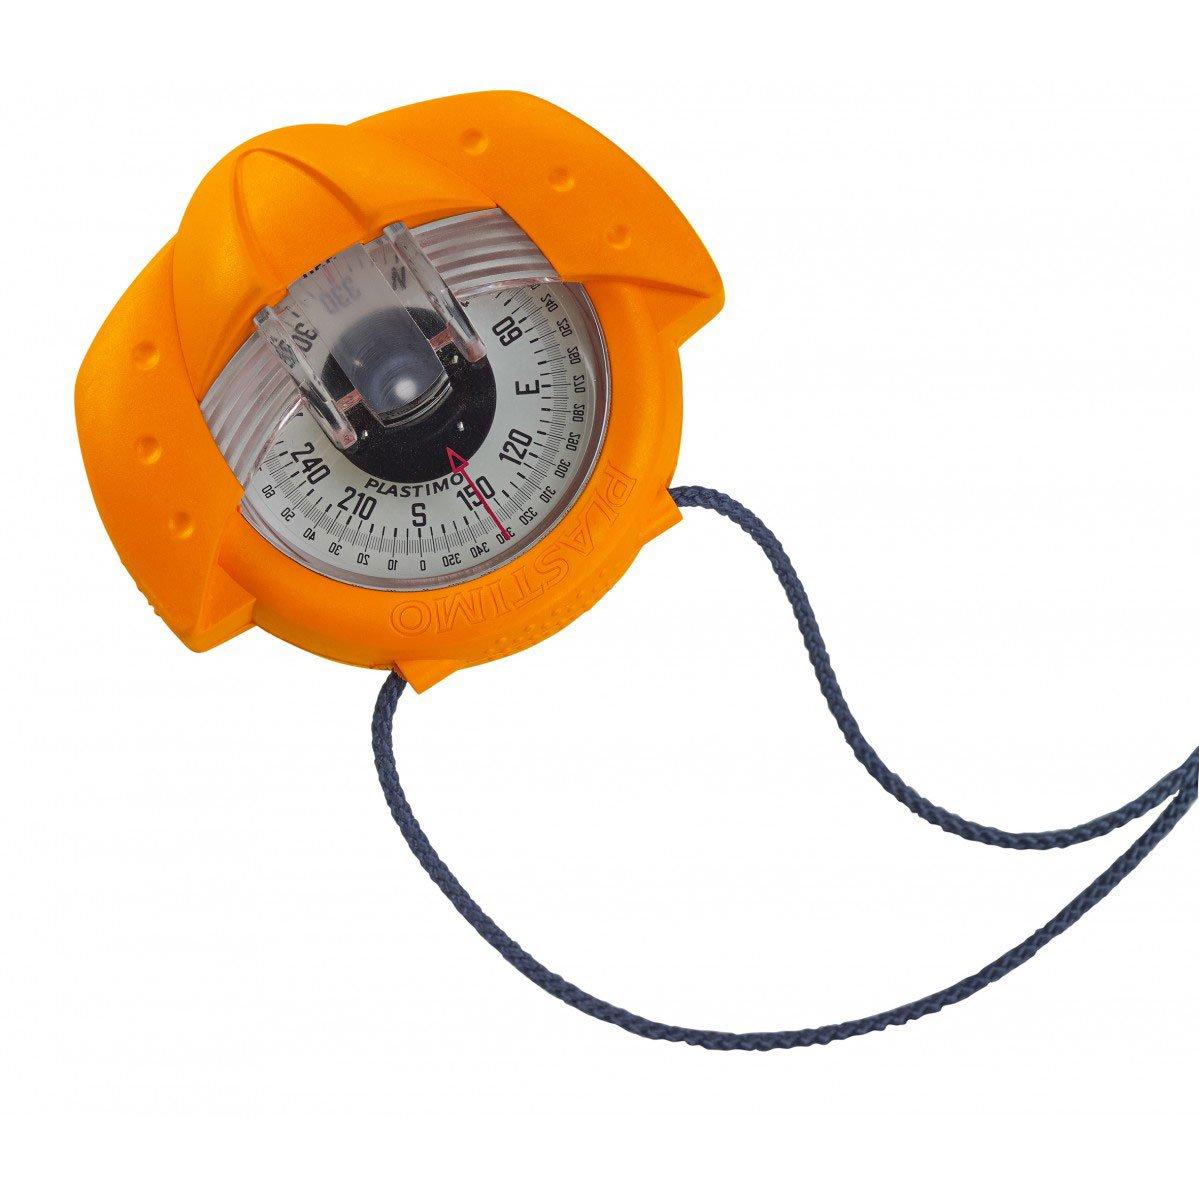 Plastimo Iris 50 Handheld Hand Bearing Compass - Orange